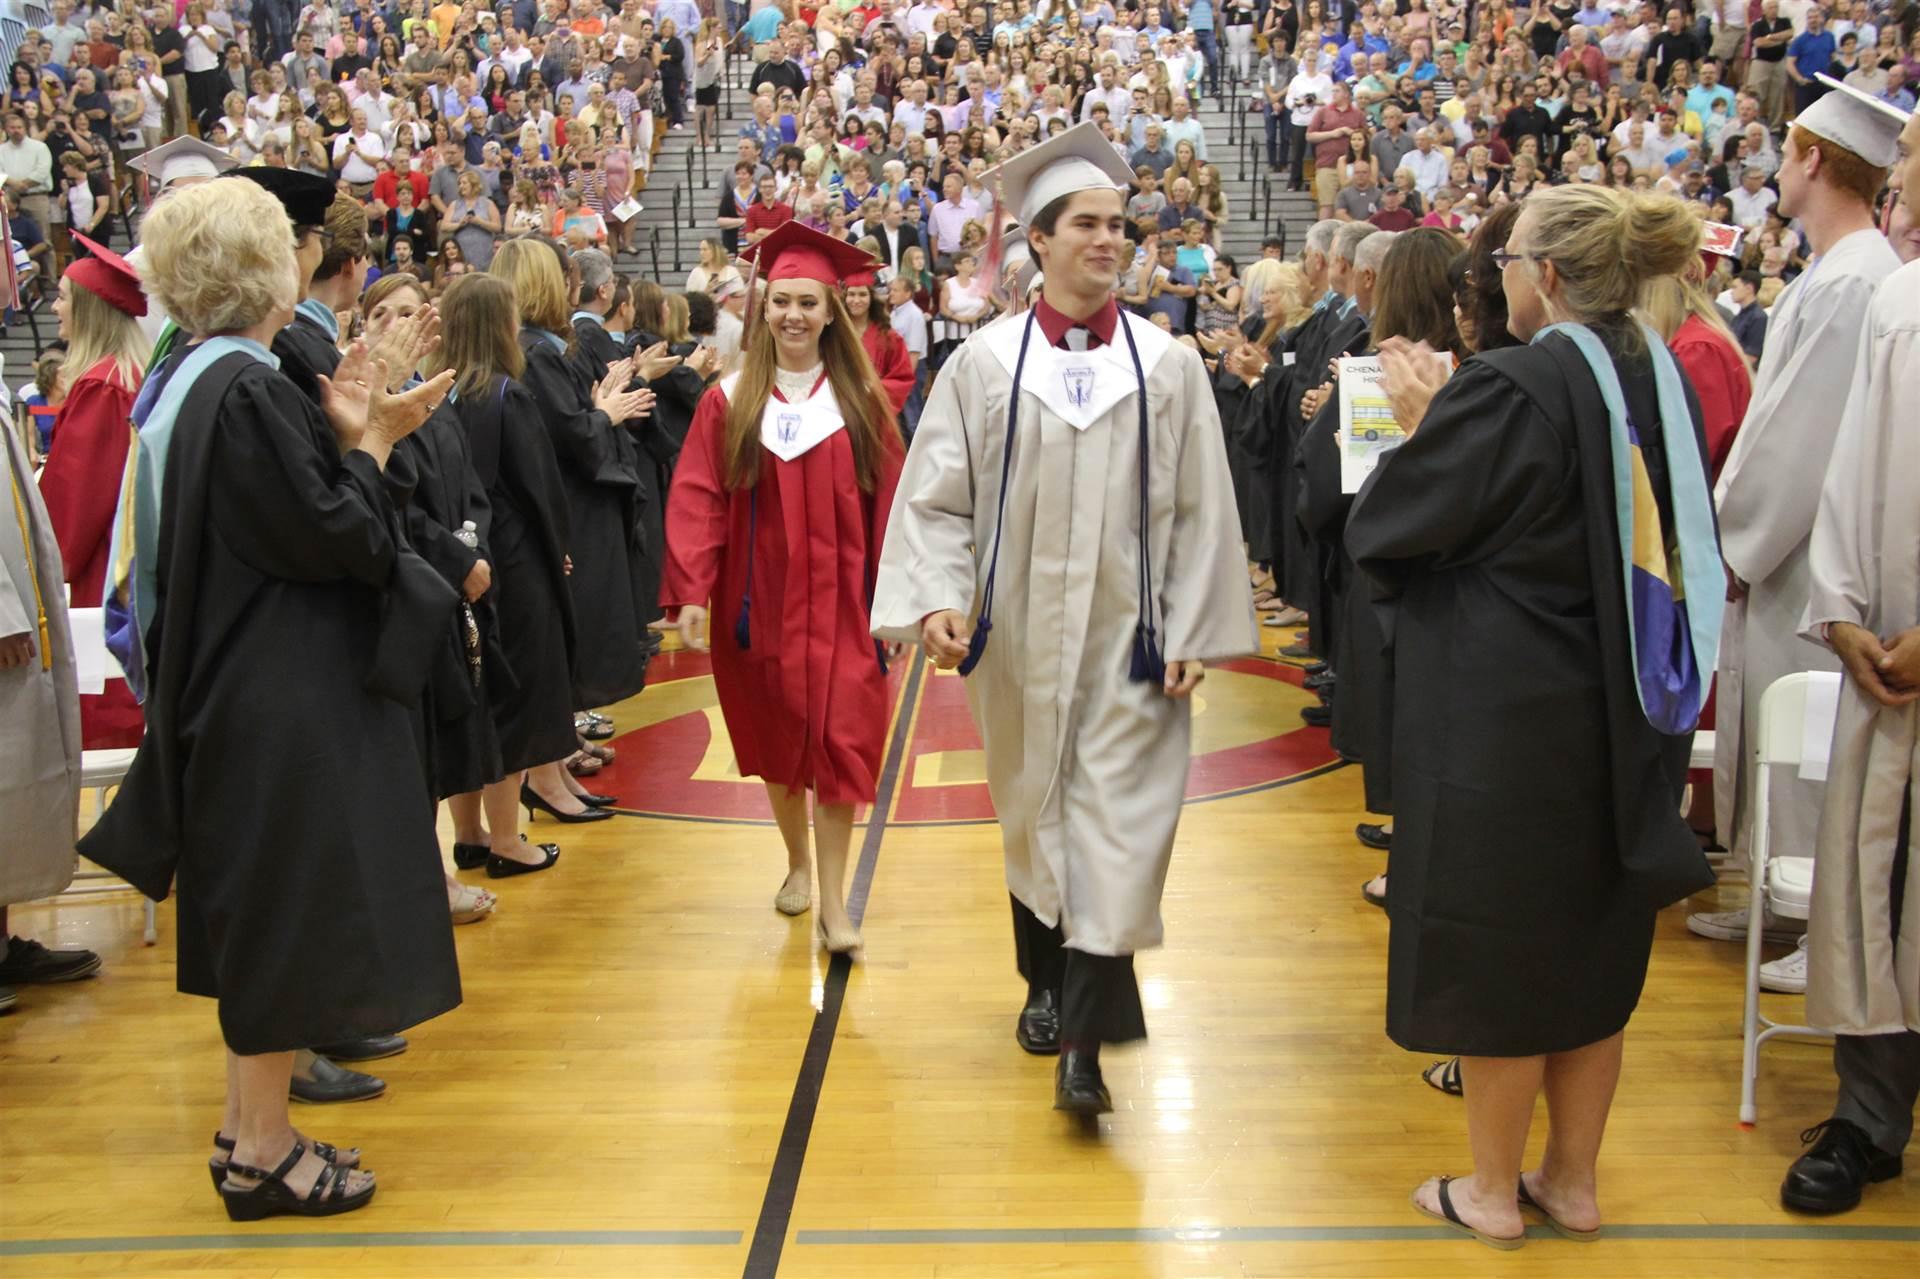 photo 56 from 2017 C V Graduation.